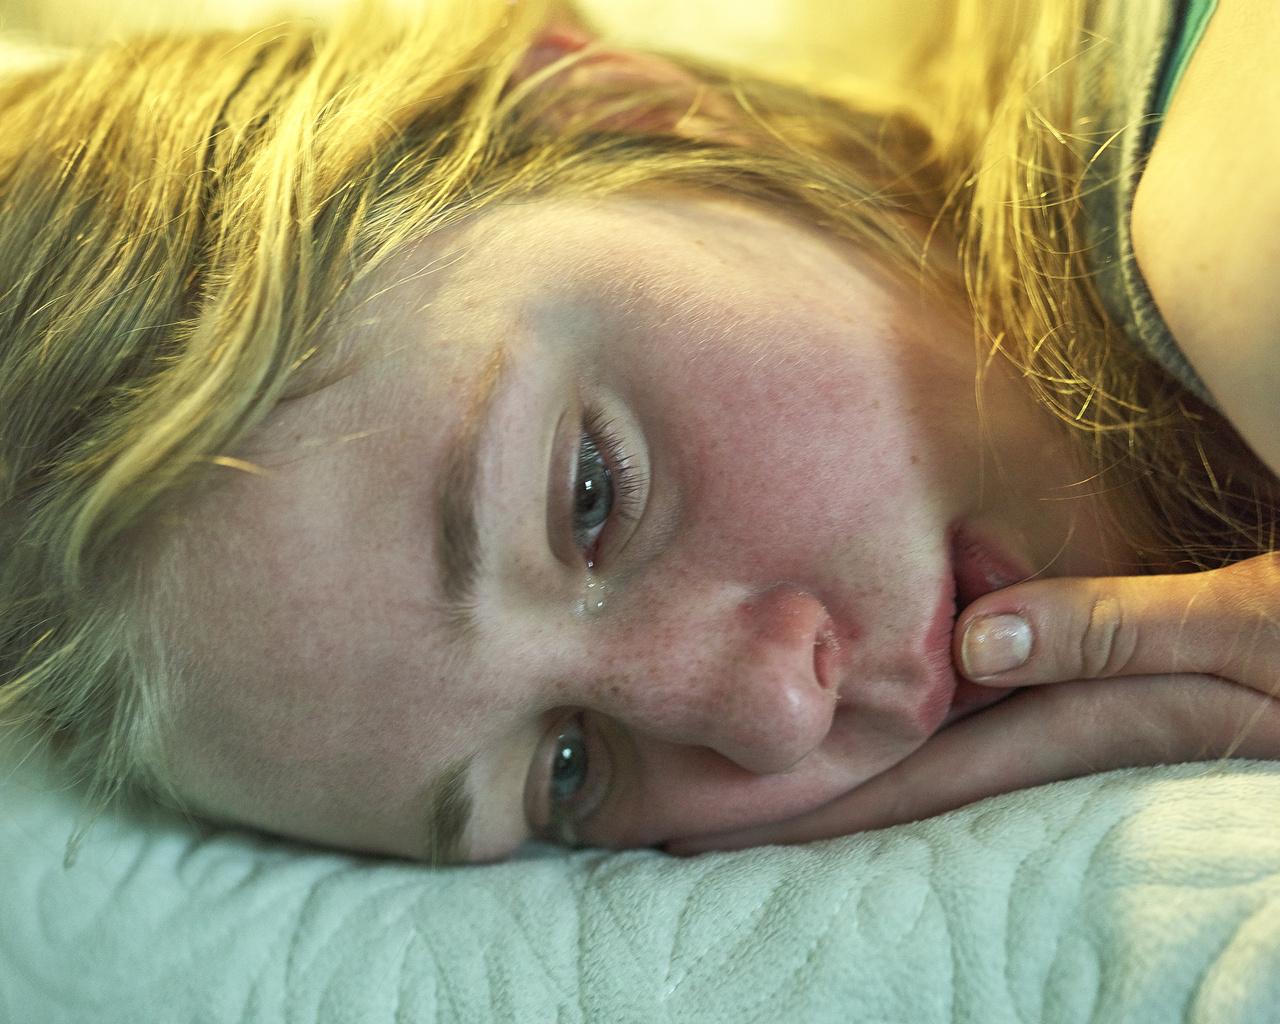 Anna Grzelewska azzal a szándékkal készített képeket egy fiatal lányról, hogy elkapja azt a pillanatot, amikor felnőtt lesz belőle. (Julia Wannabe, 2010-2016)